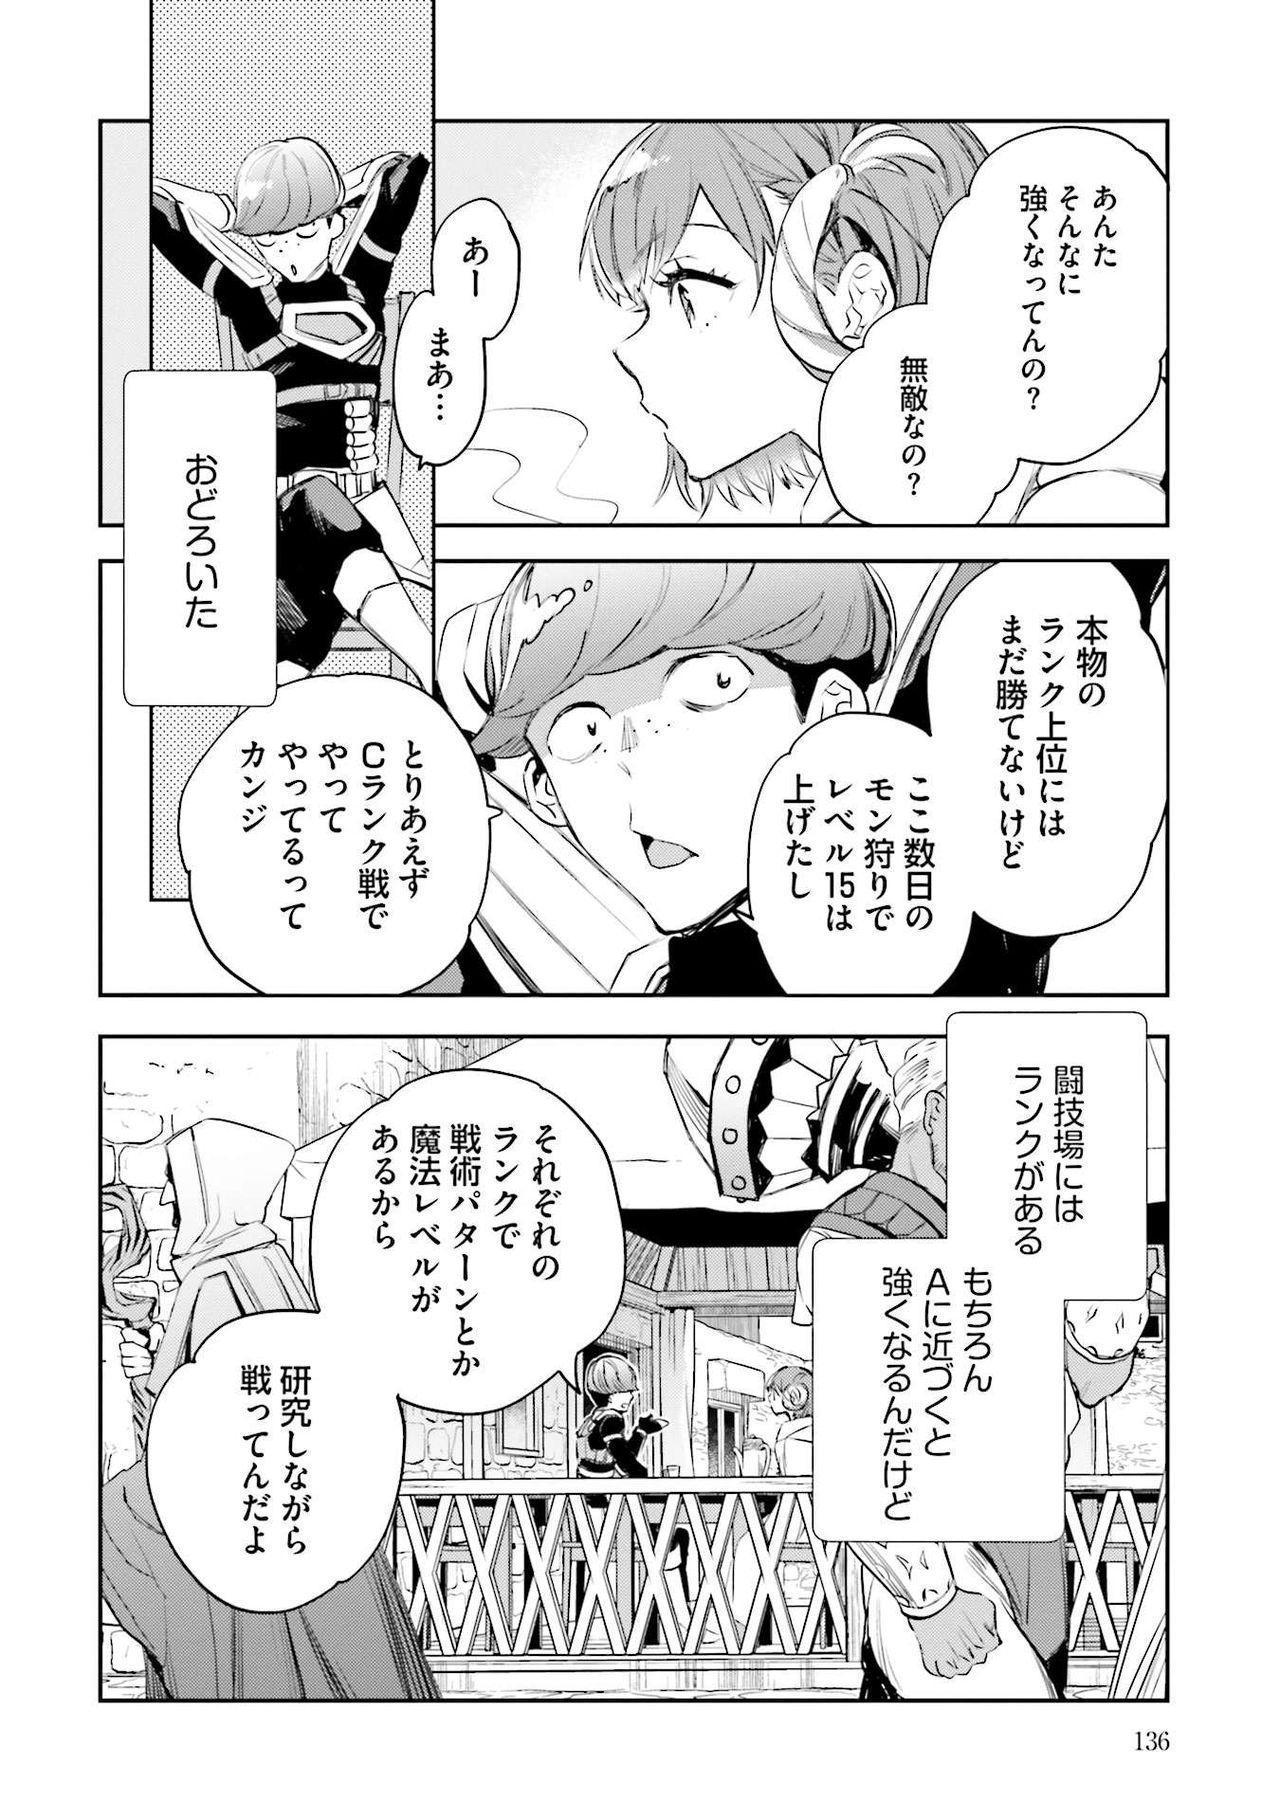 JK Haru wa Isekai de Shoufu ni Natta 1-14 137